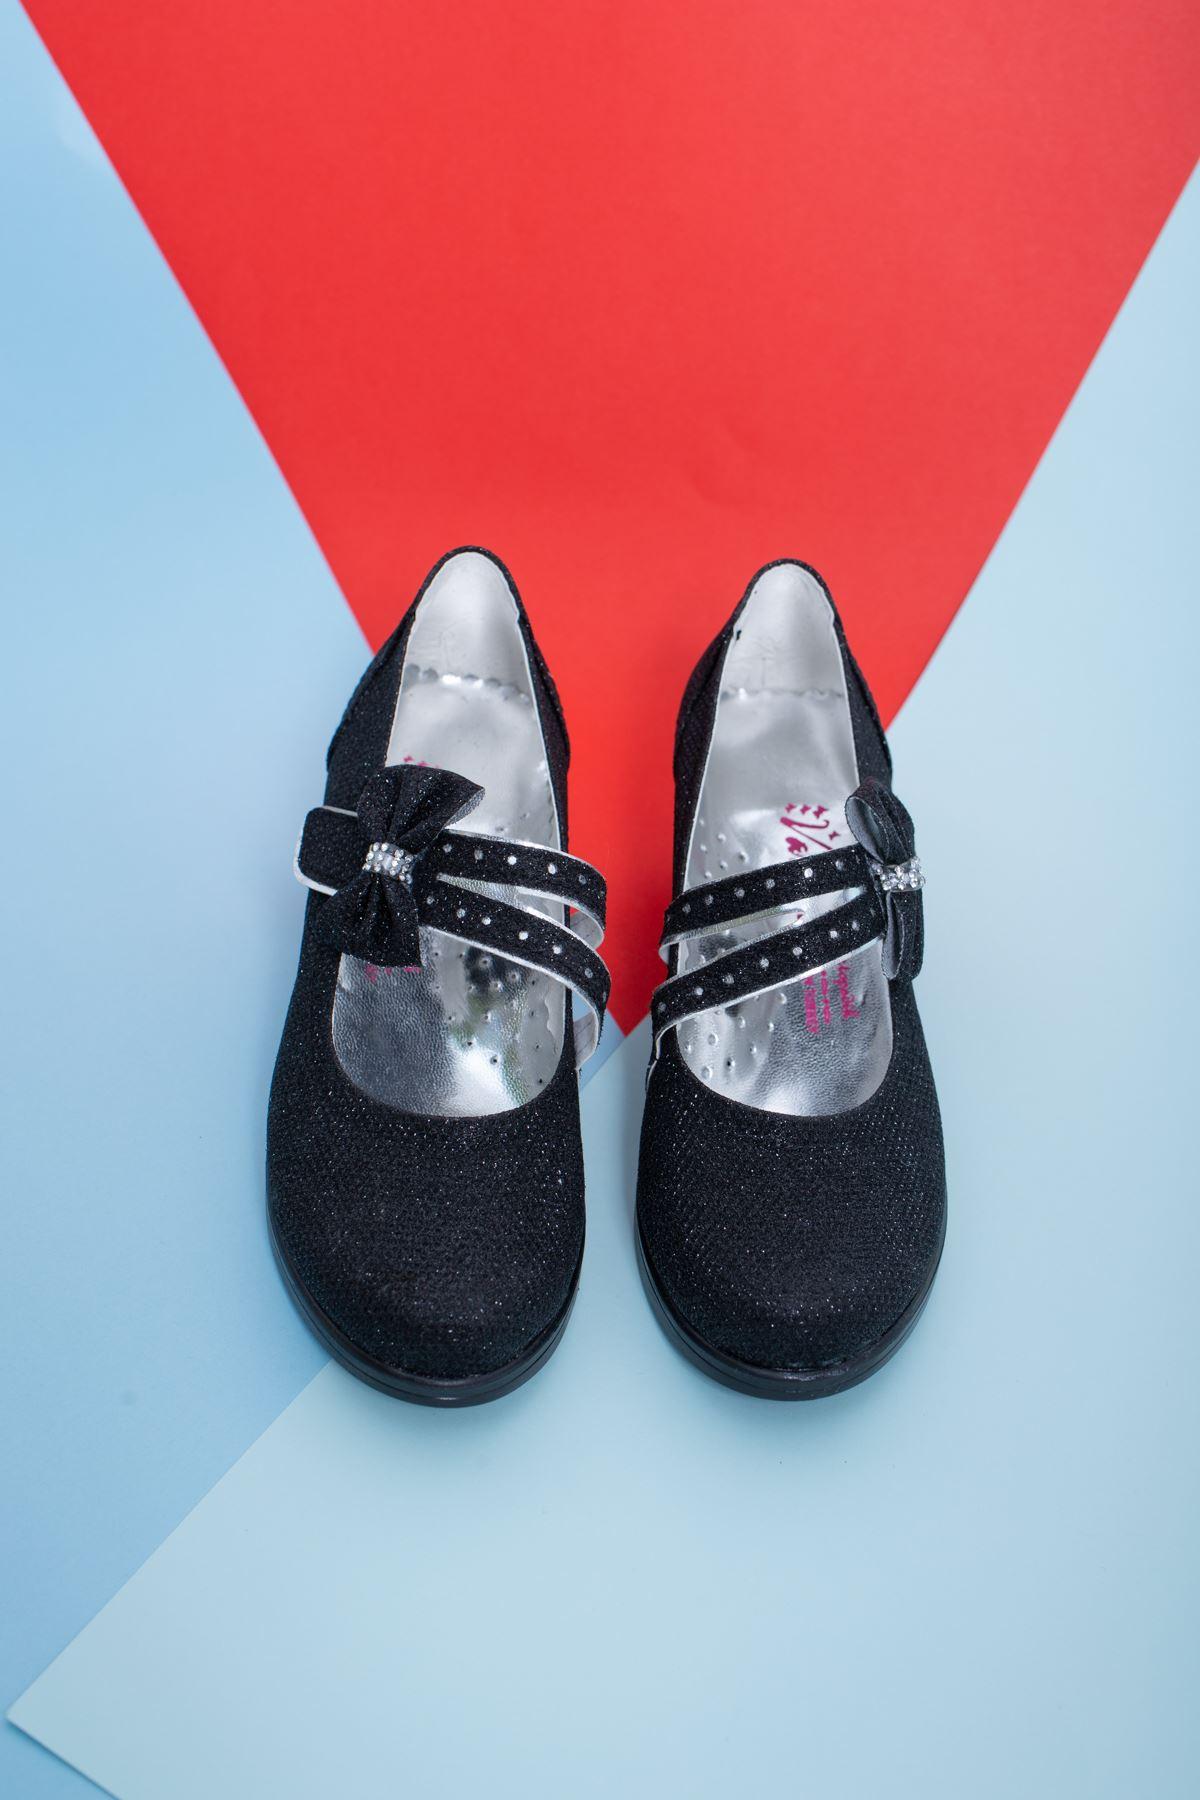 Topuklu Siyah Simli Kız Çocuk Ayakkabı